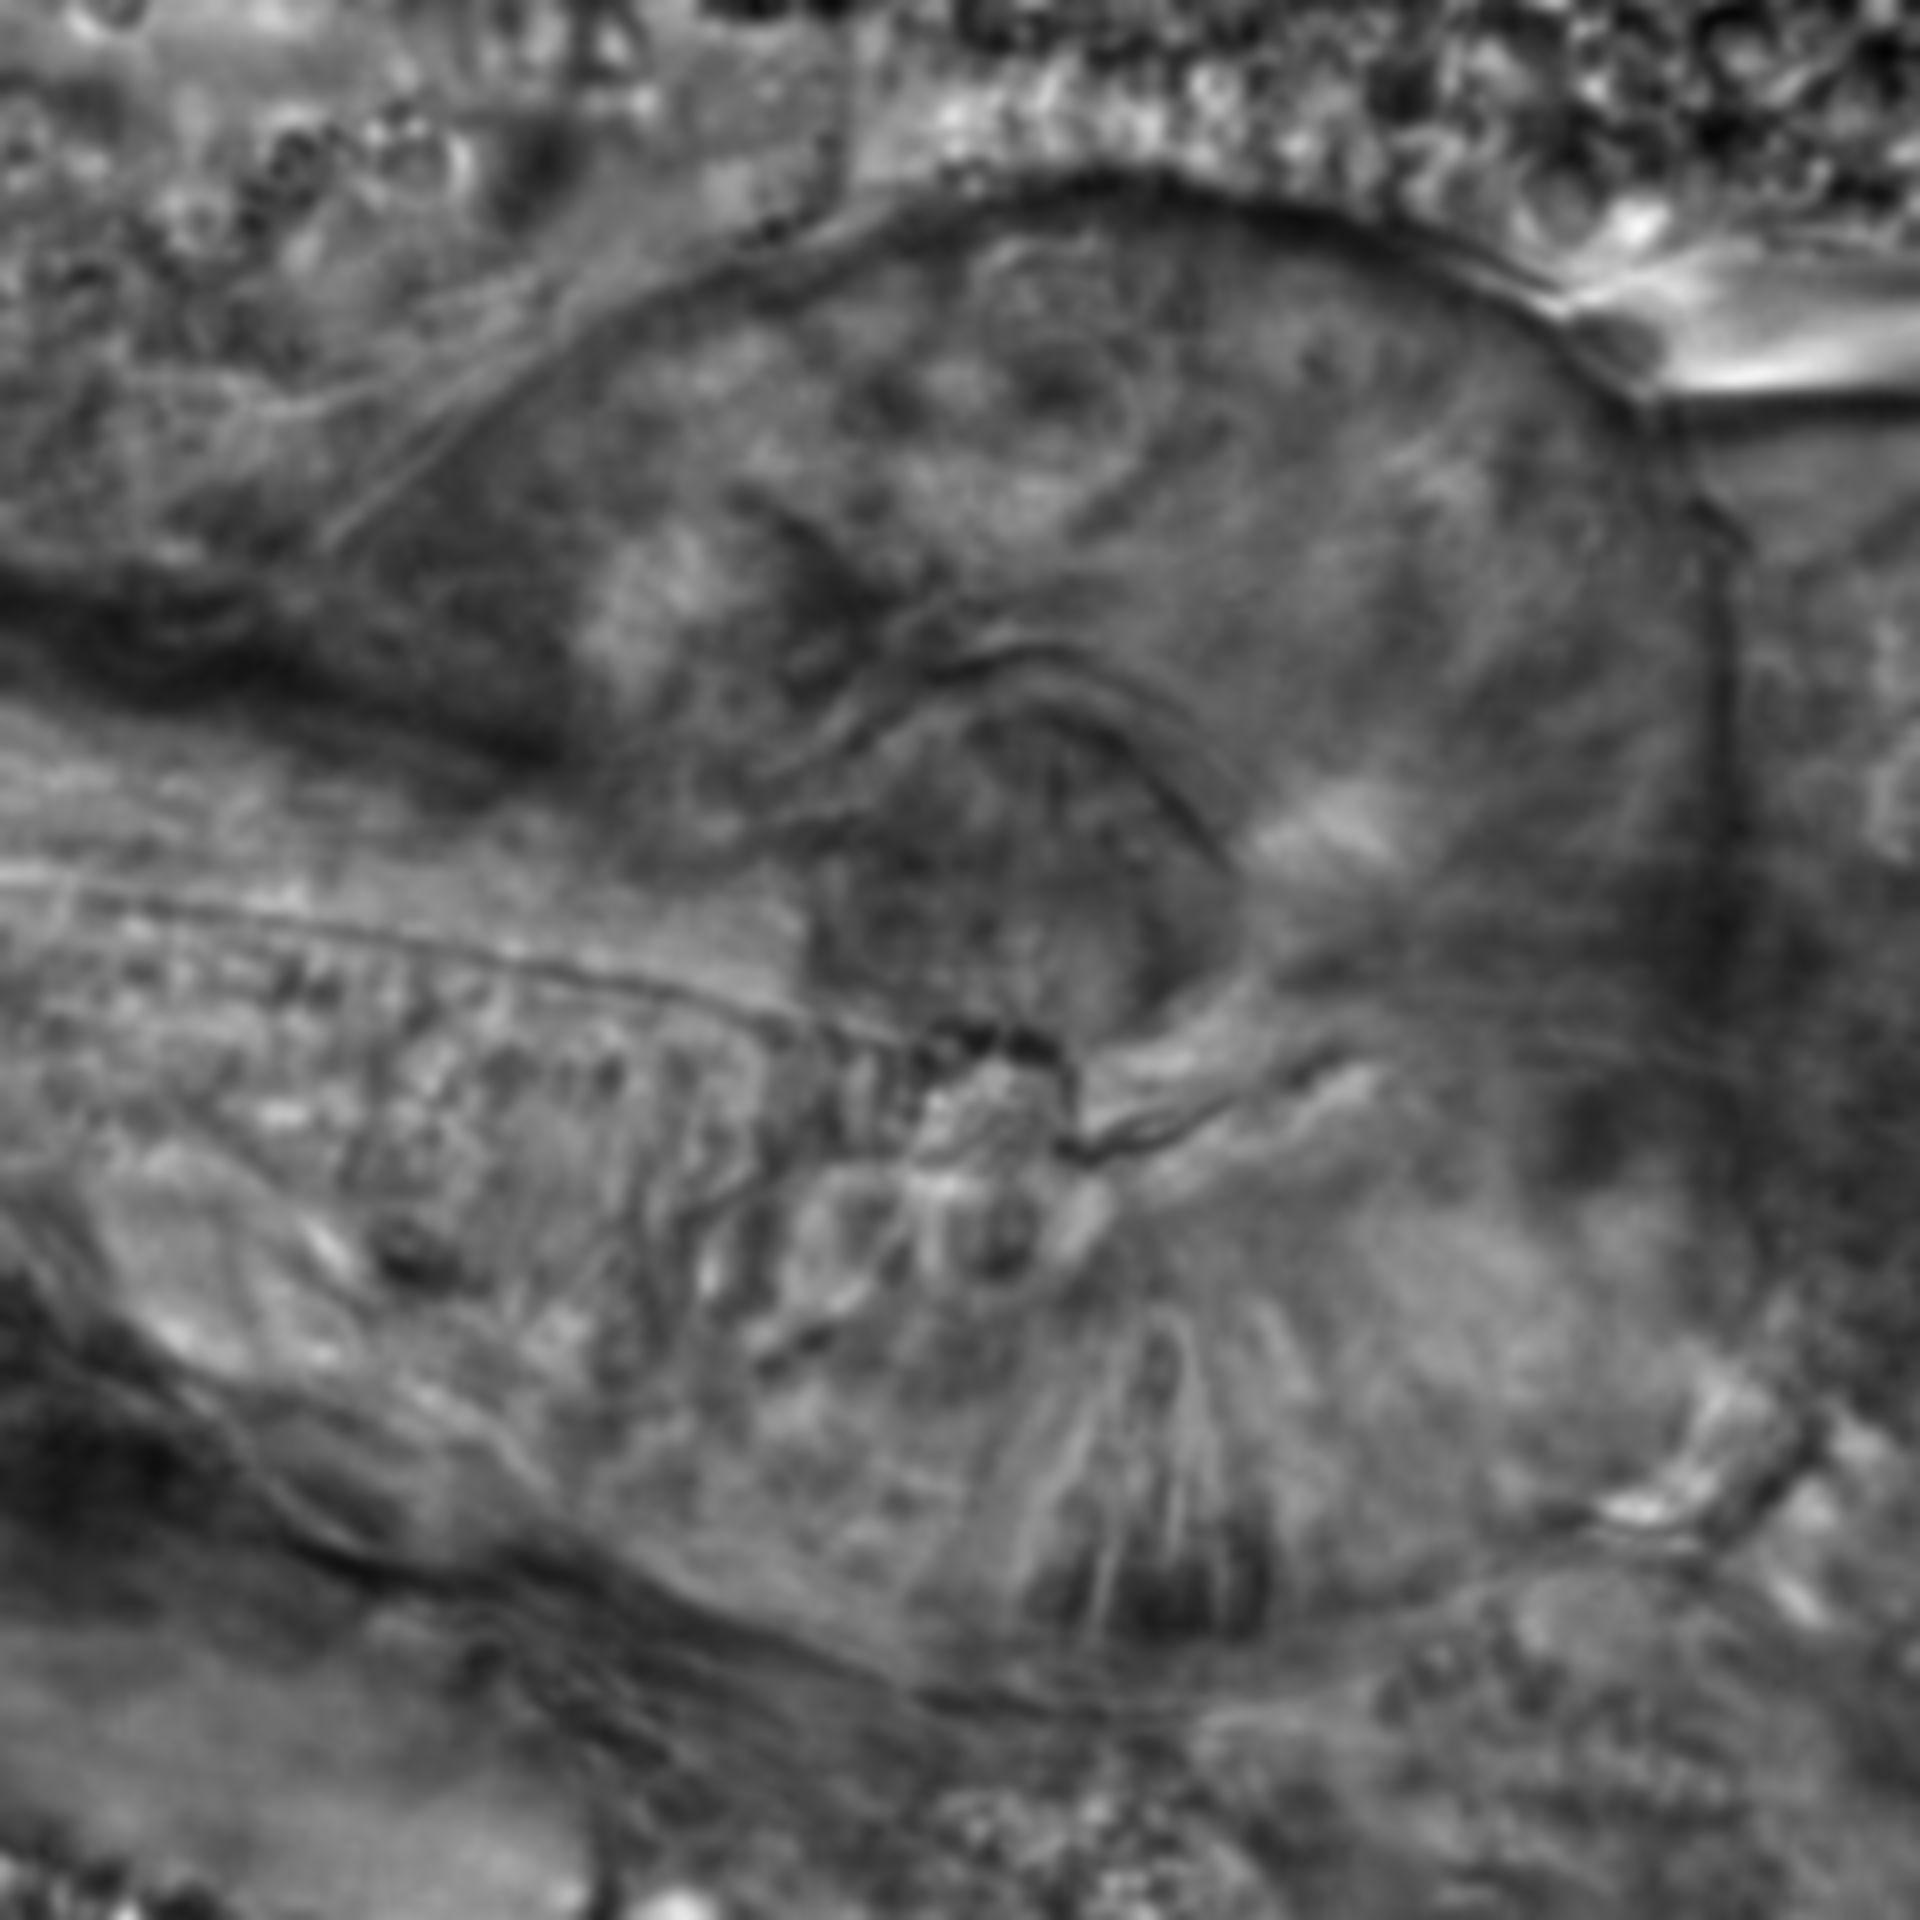 Caenorhabditis elegans - CIL:2800